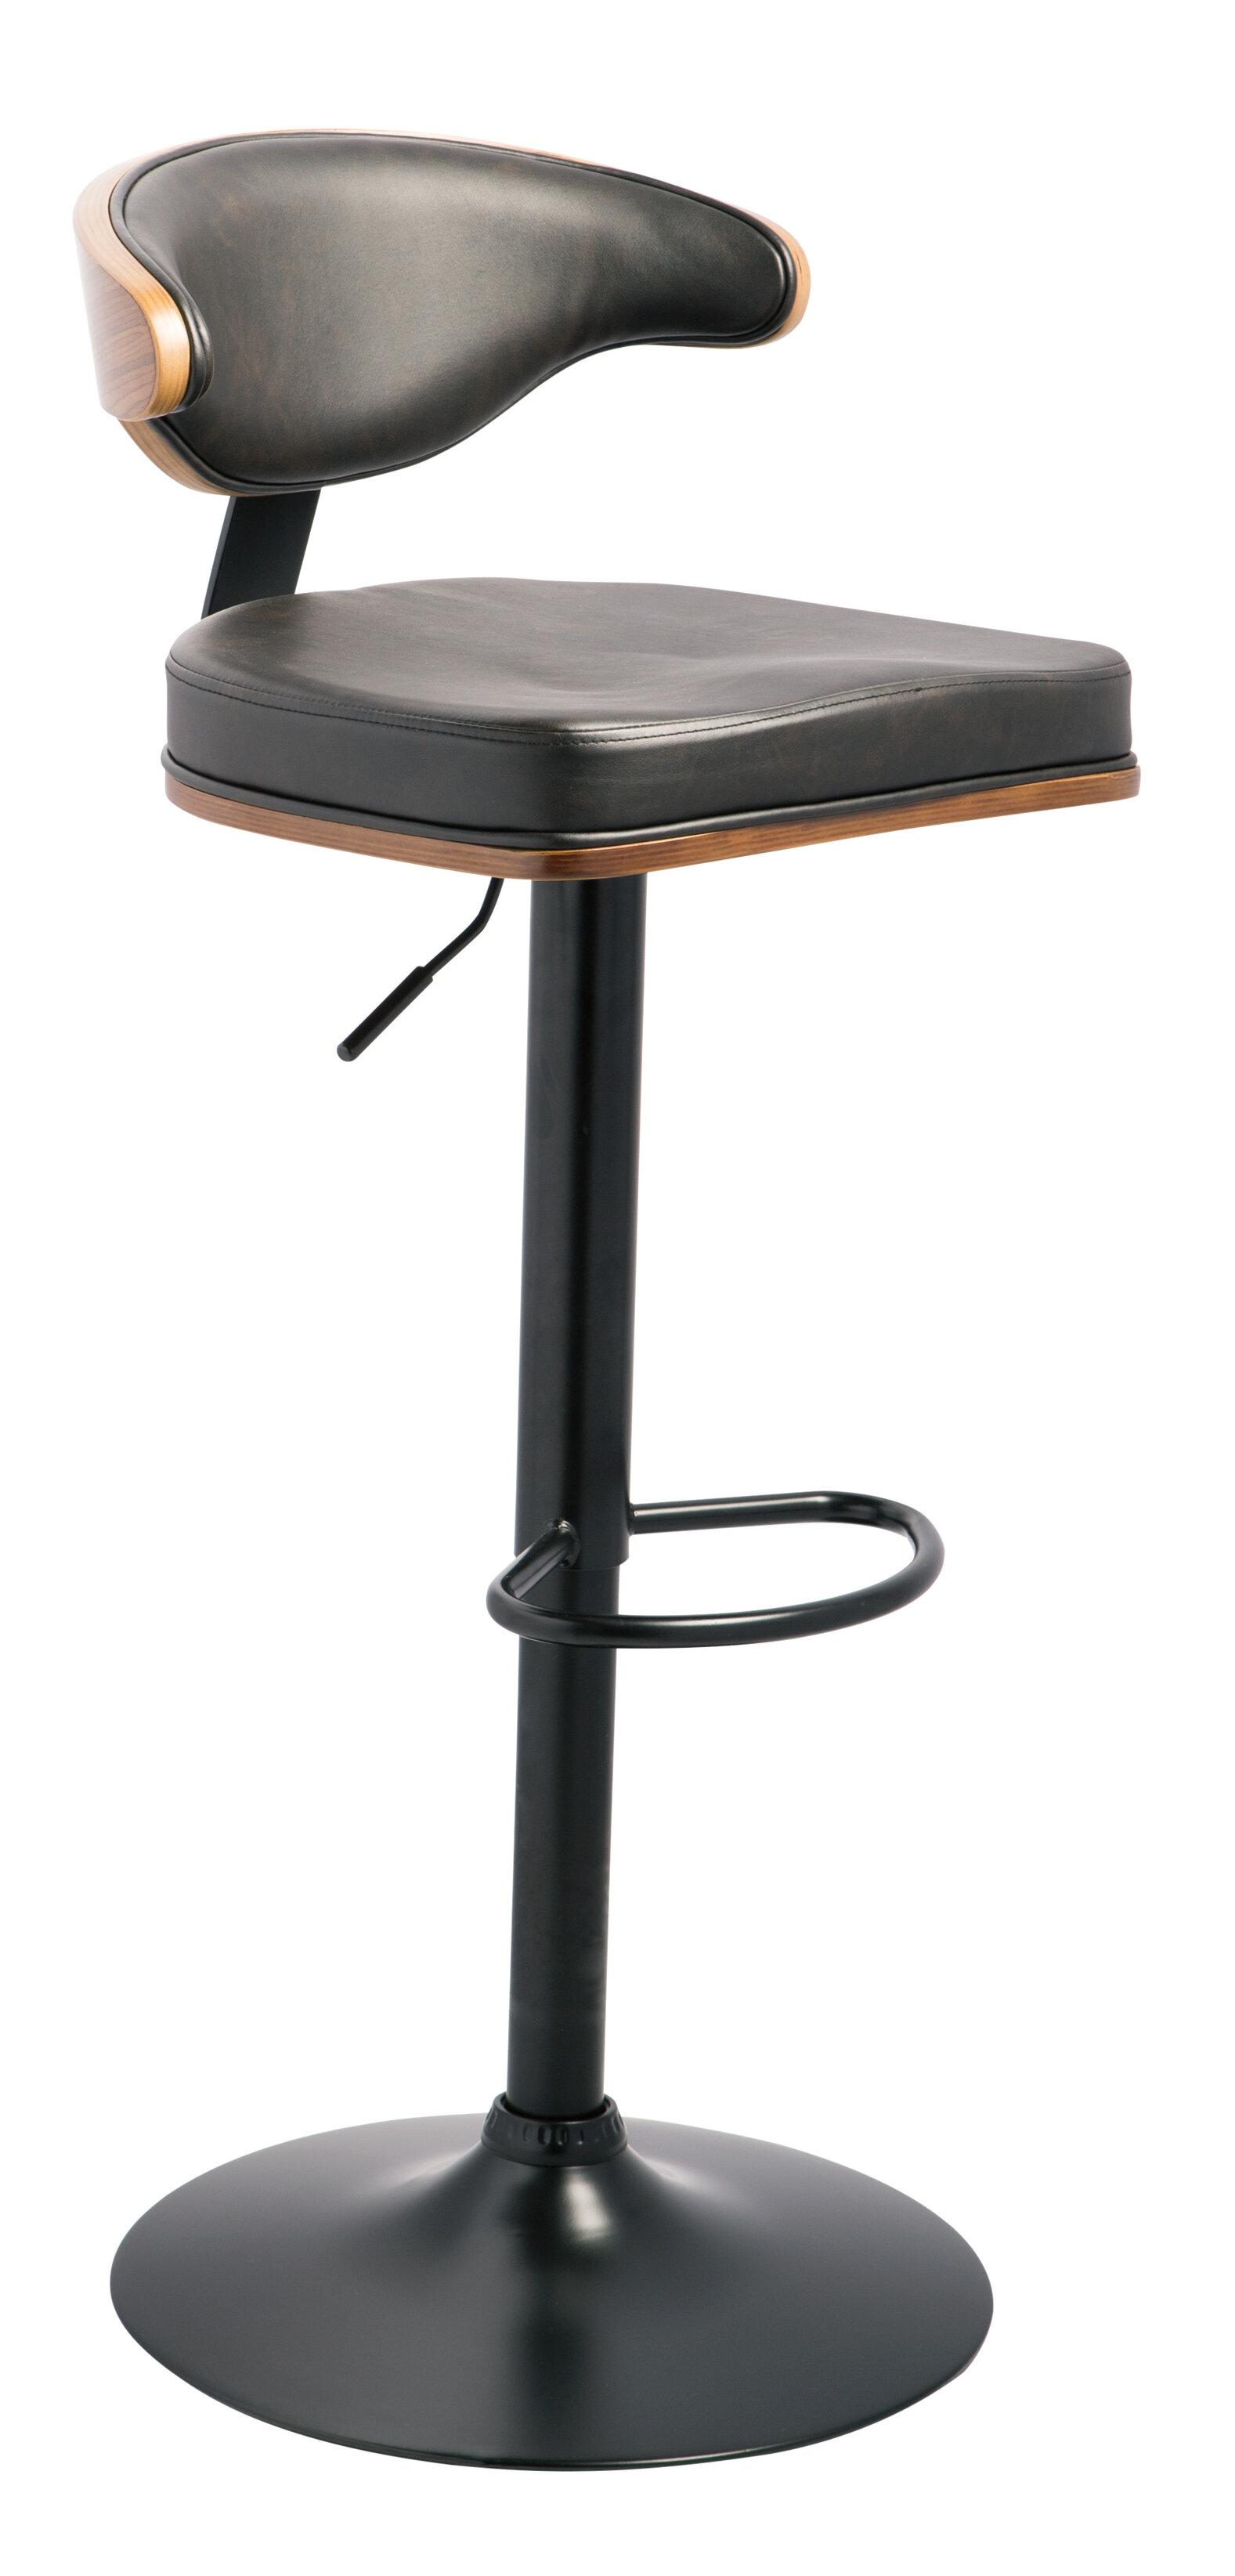 Atropos adjustable height swivel bar stool reviews joss main